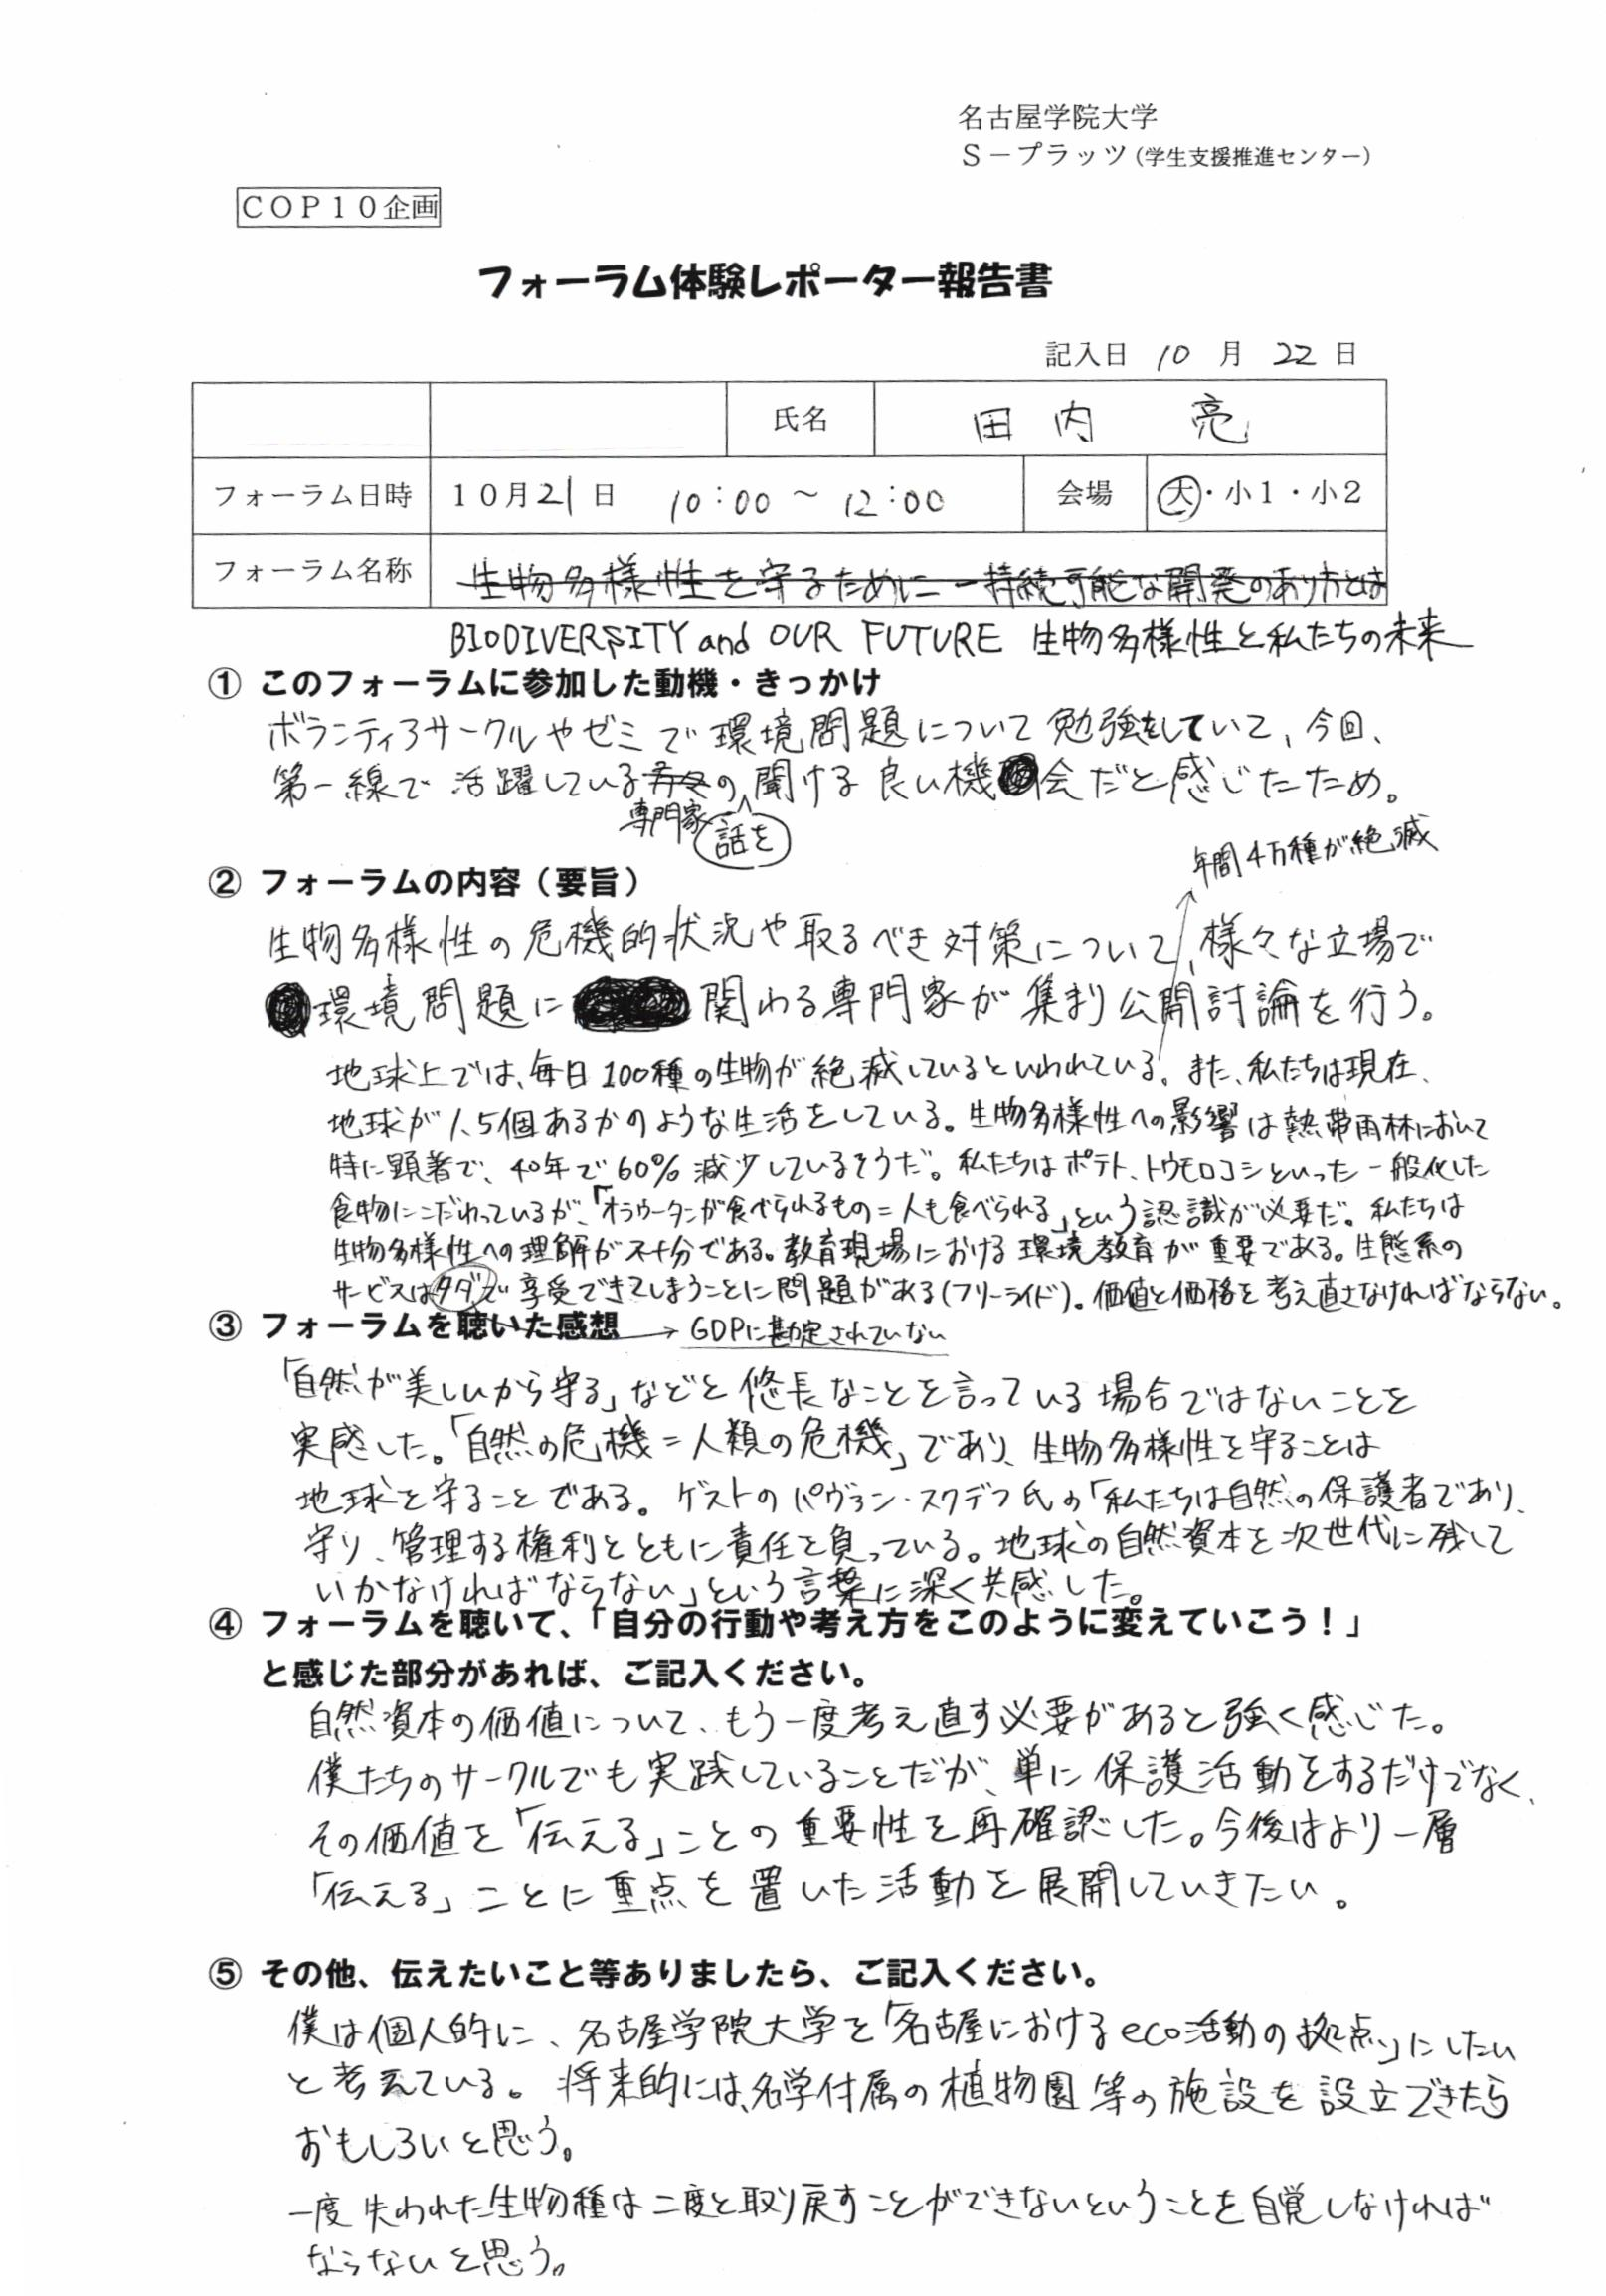 フォーラム体験レポーター田内